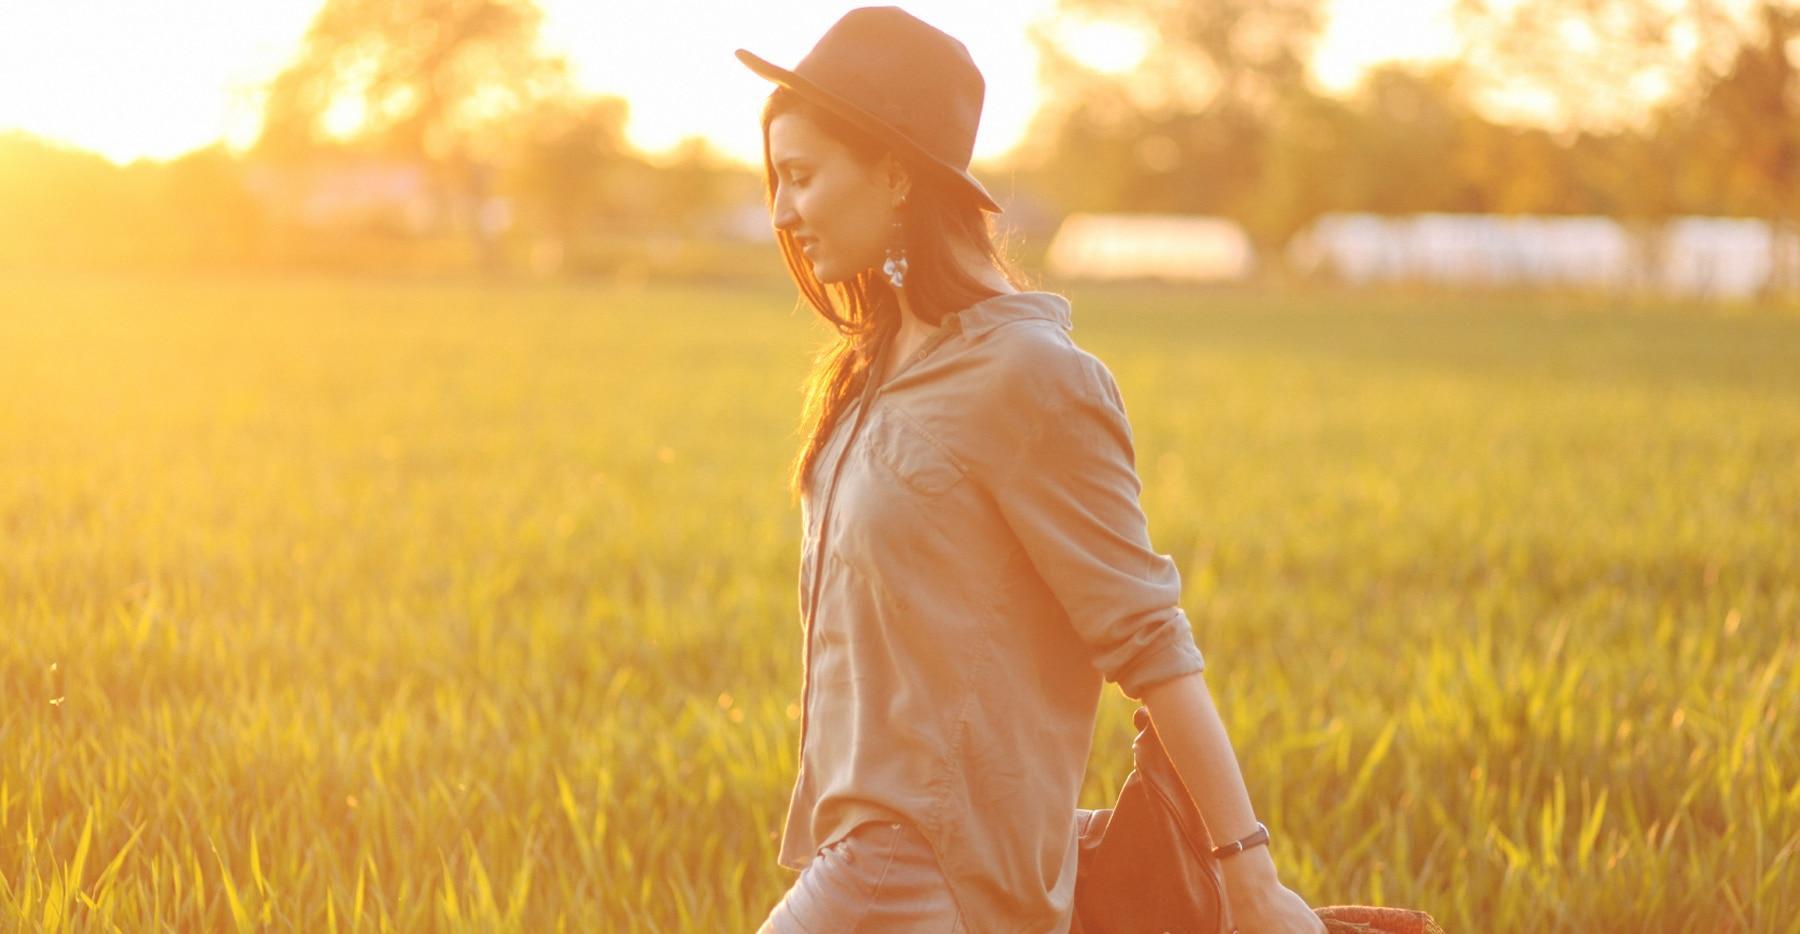 Imate sve što poželite – osim istinske sreće? Ova 3 savjeta mogu vam pomoći da ponađete sreću